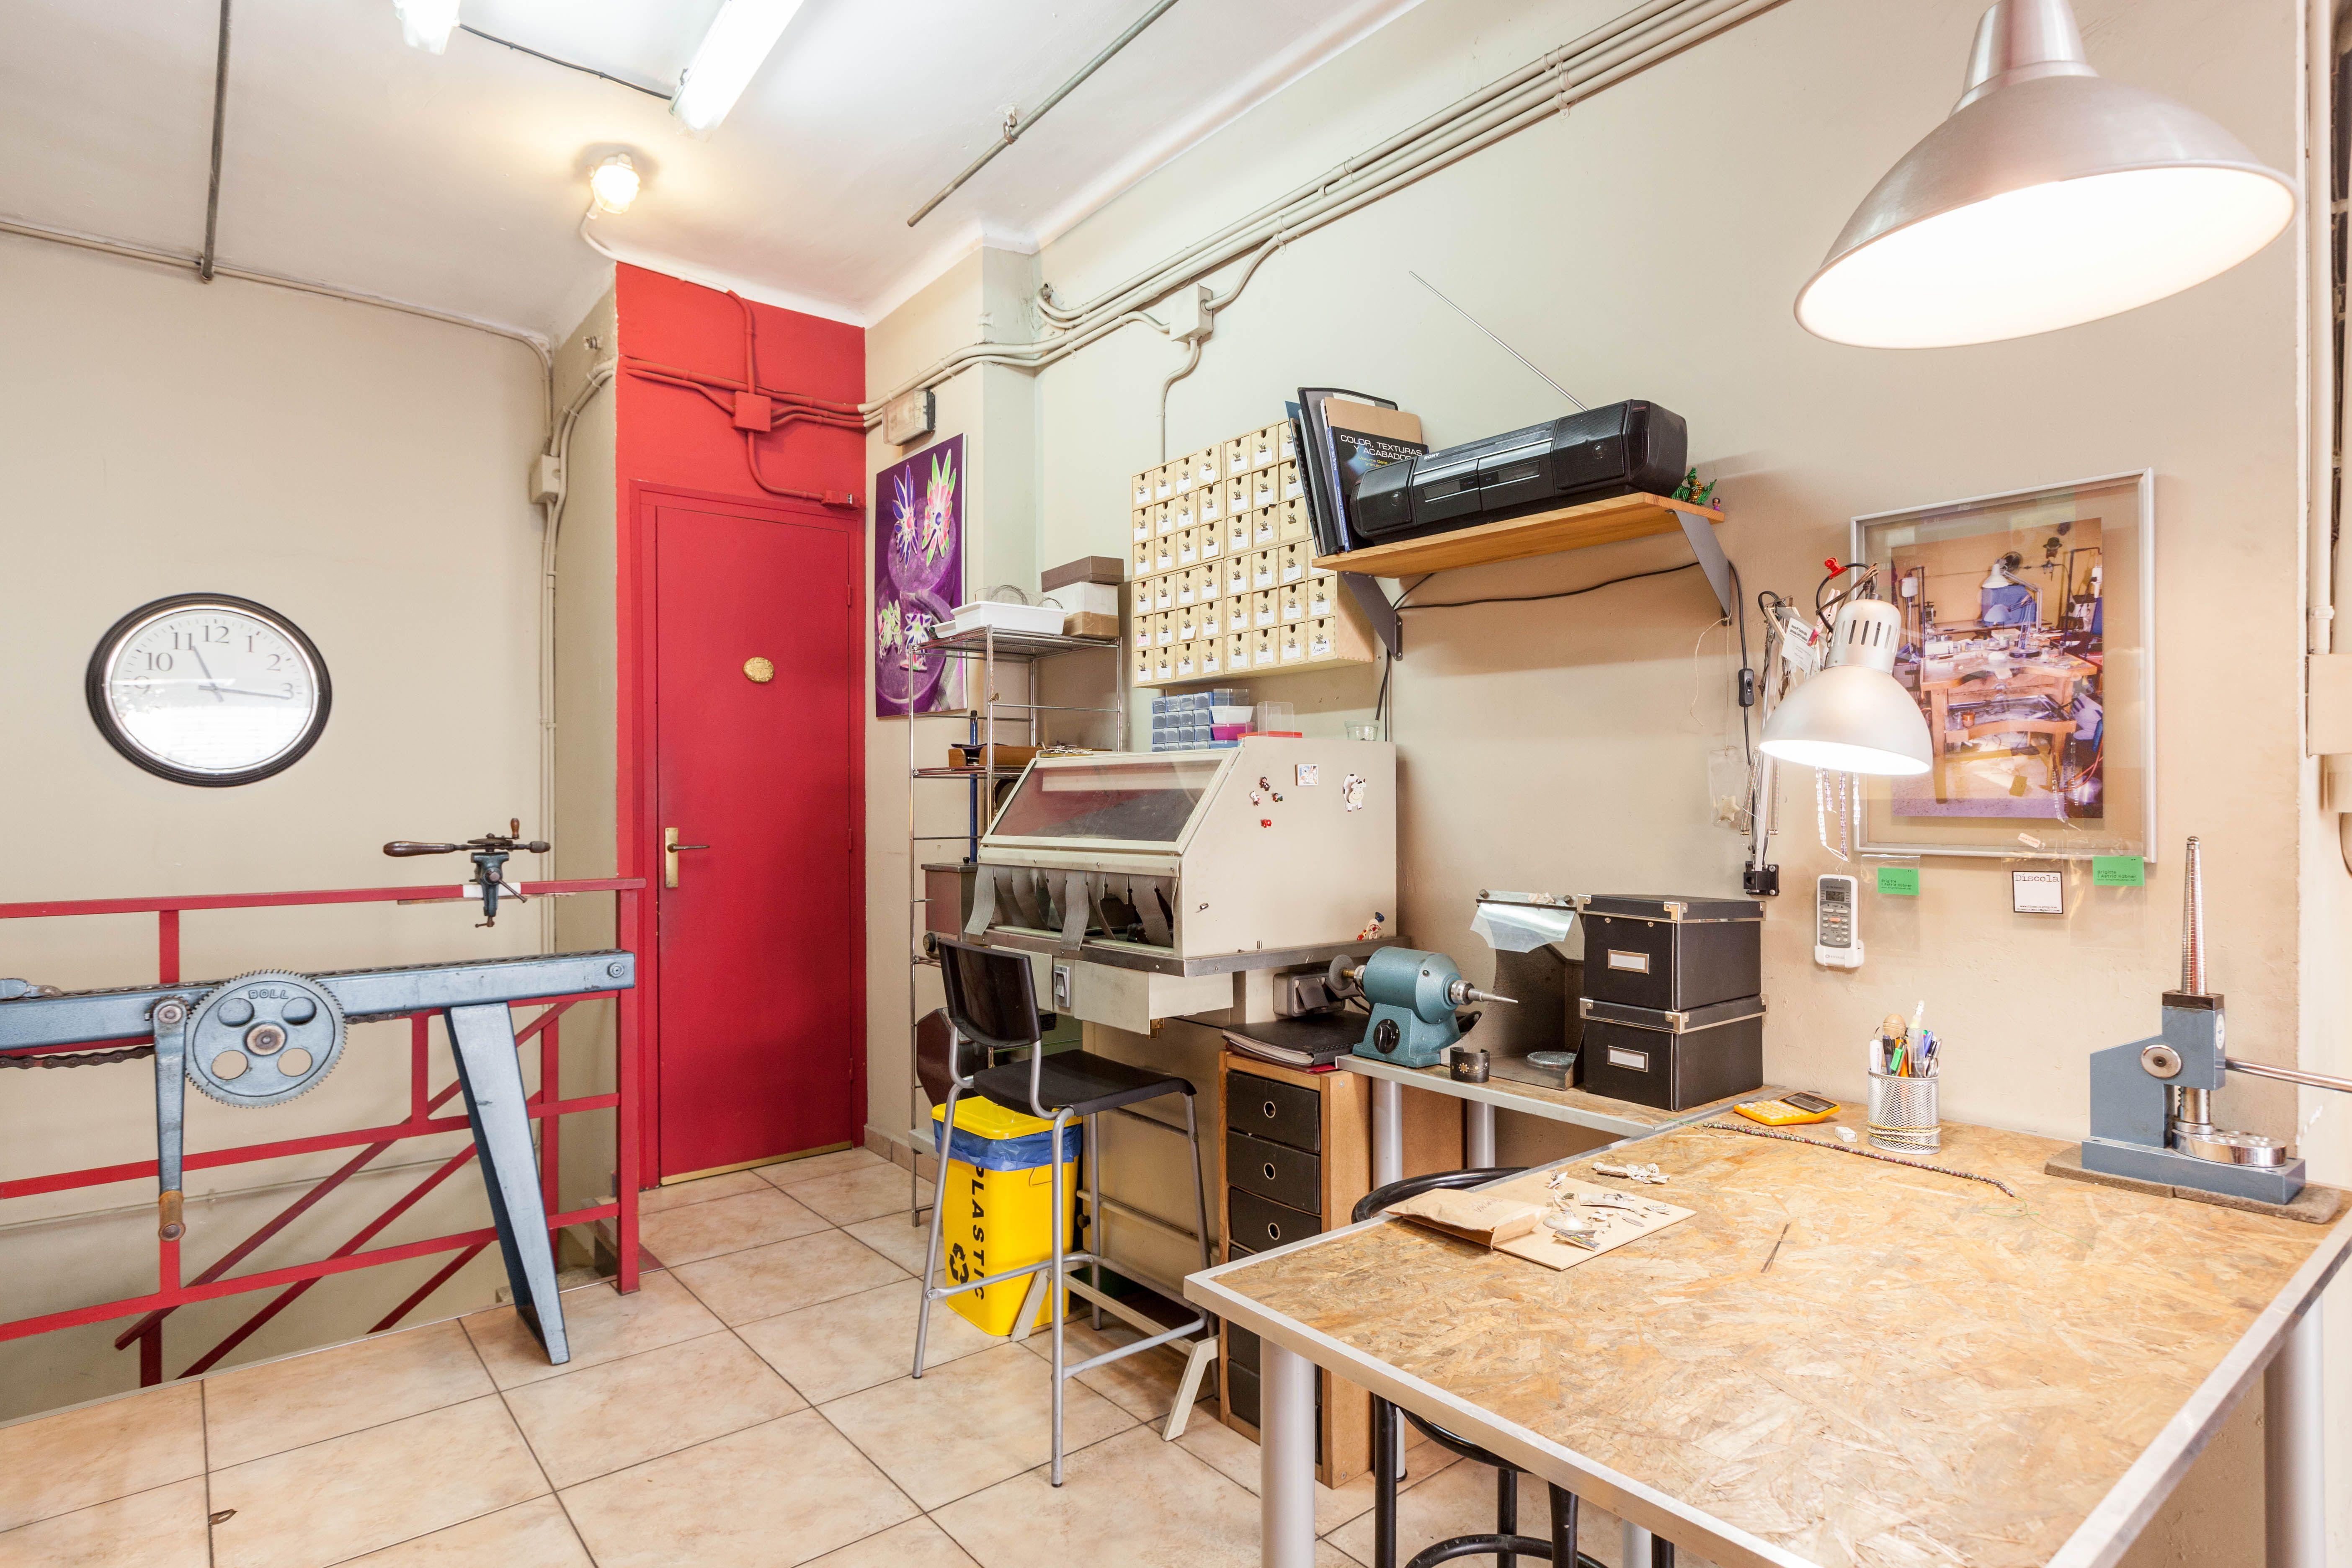 Foto 7 de Escuelas de joyería y engastado en Barcelona | puigBCNjoies Escola Taller de Joieria